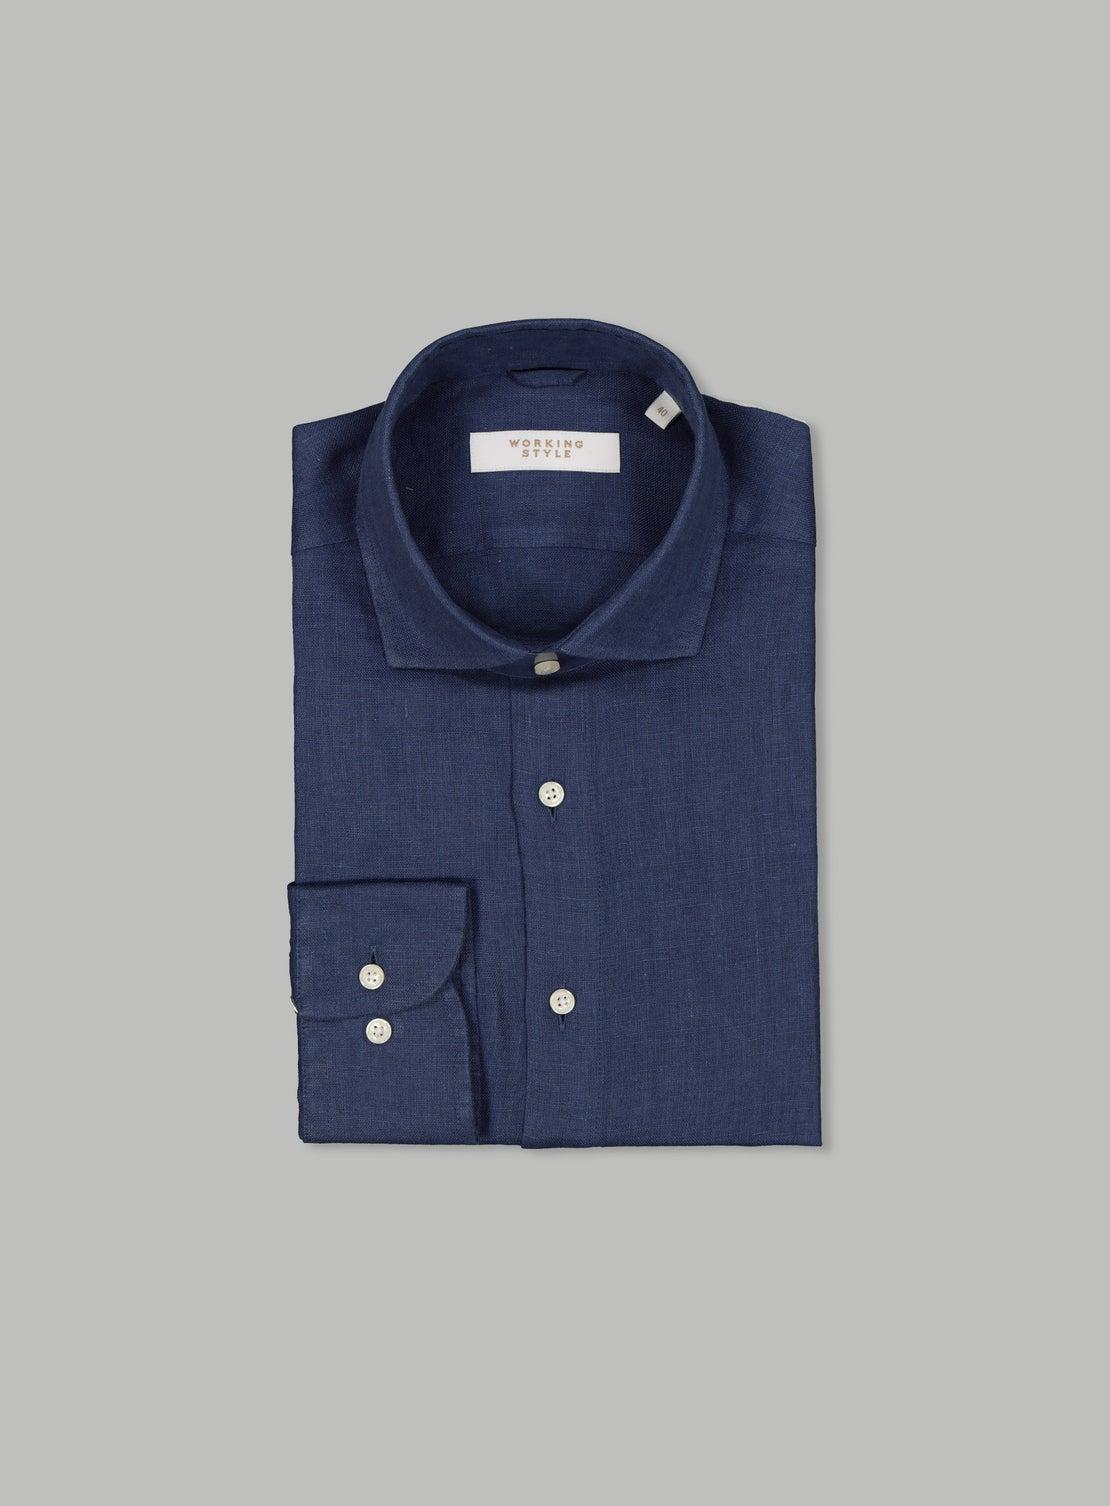 Constantin Navy Linen Shirt